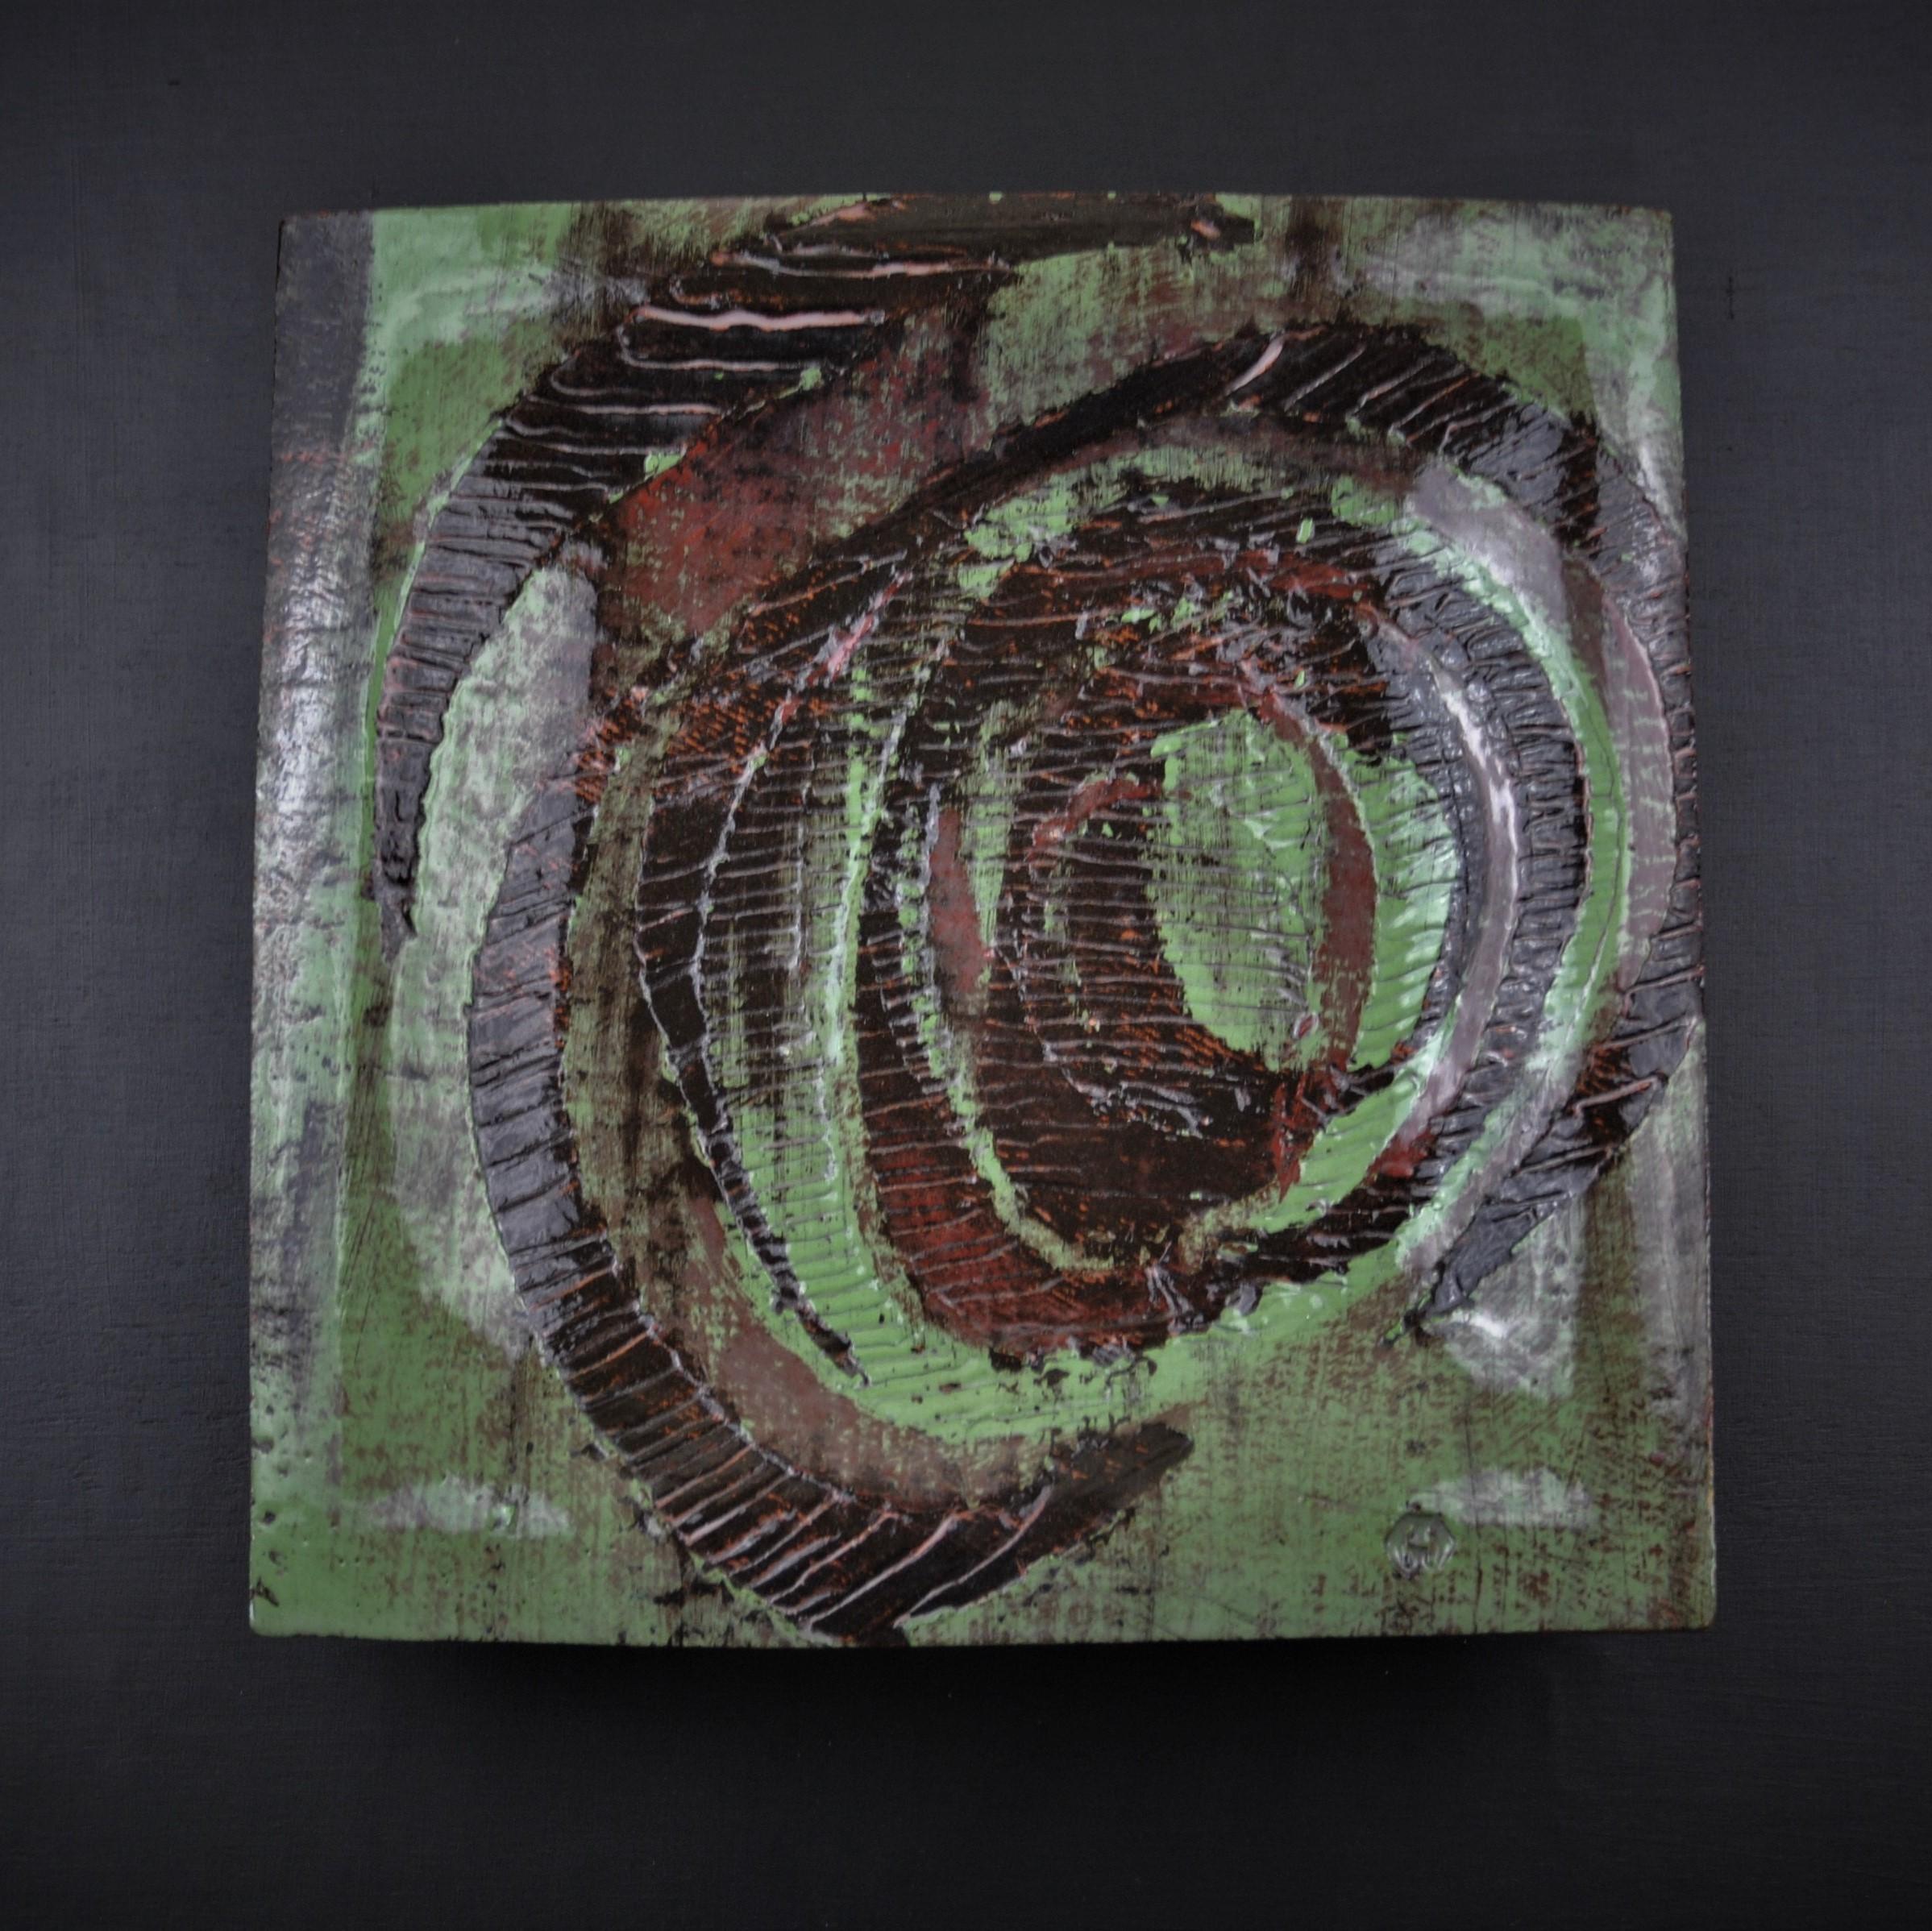 Vortex - Ceramic plate 25cm x 25cm approx. Dave Harper (2017)